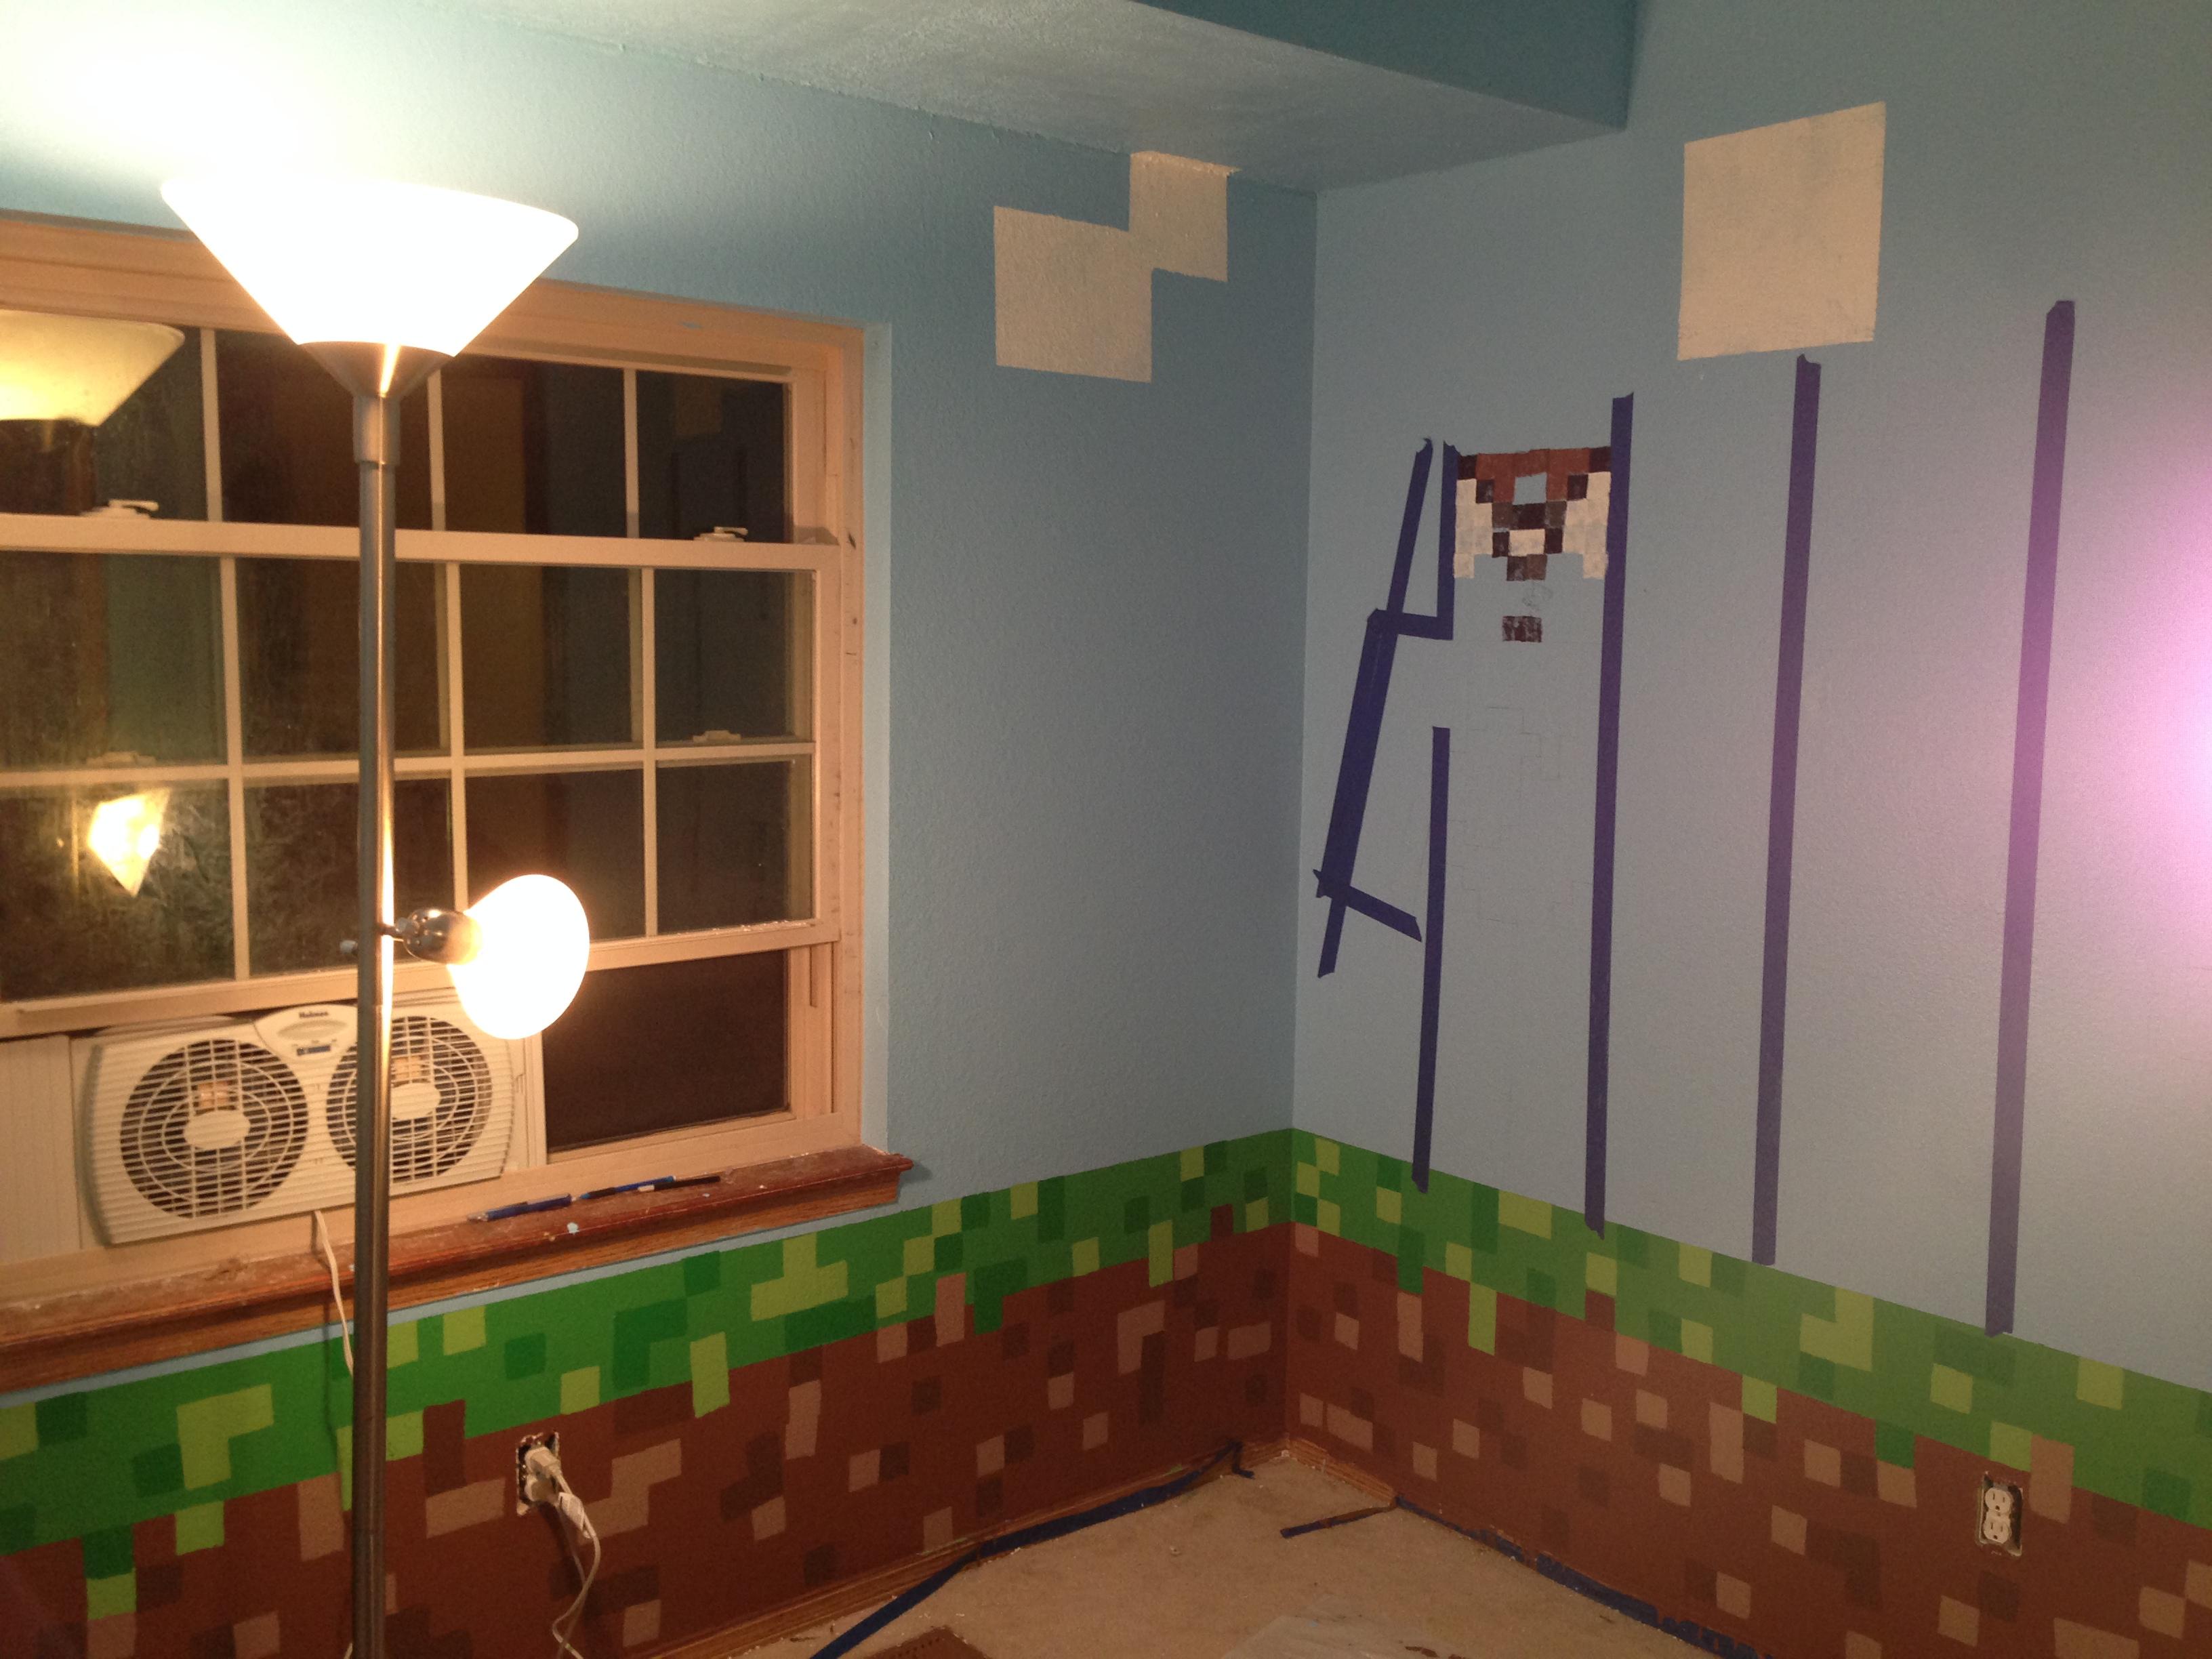 Minecraft Themed Bedroom Wallpaper Minecraft Themed Bedroom 3264x2448